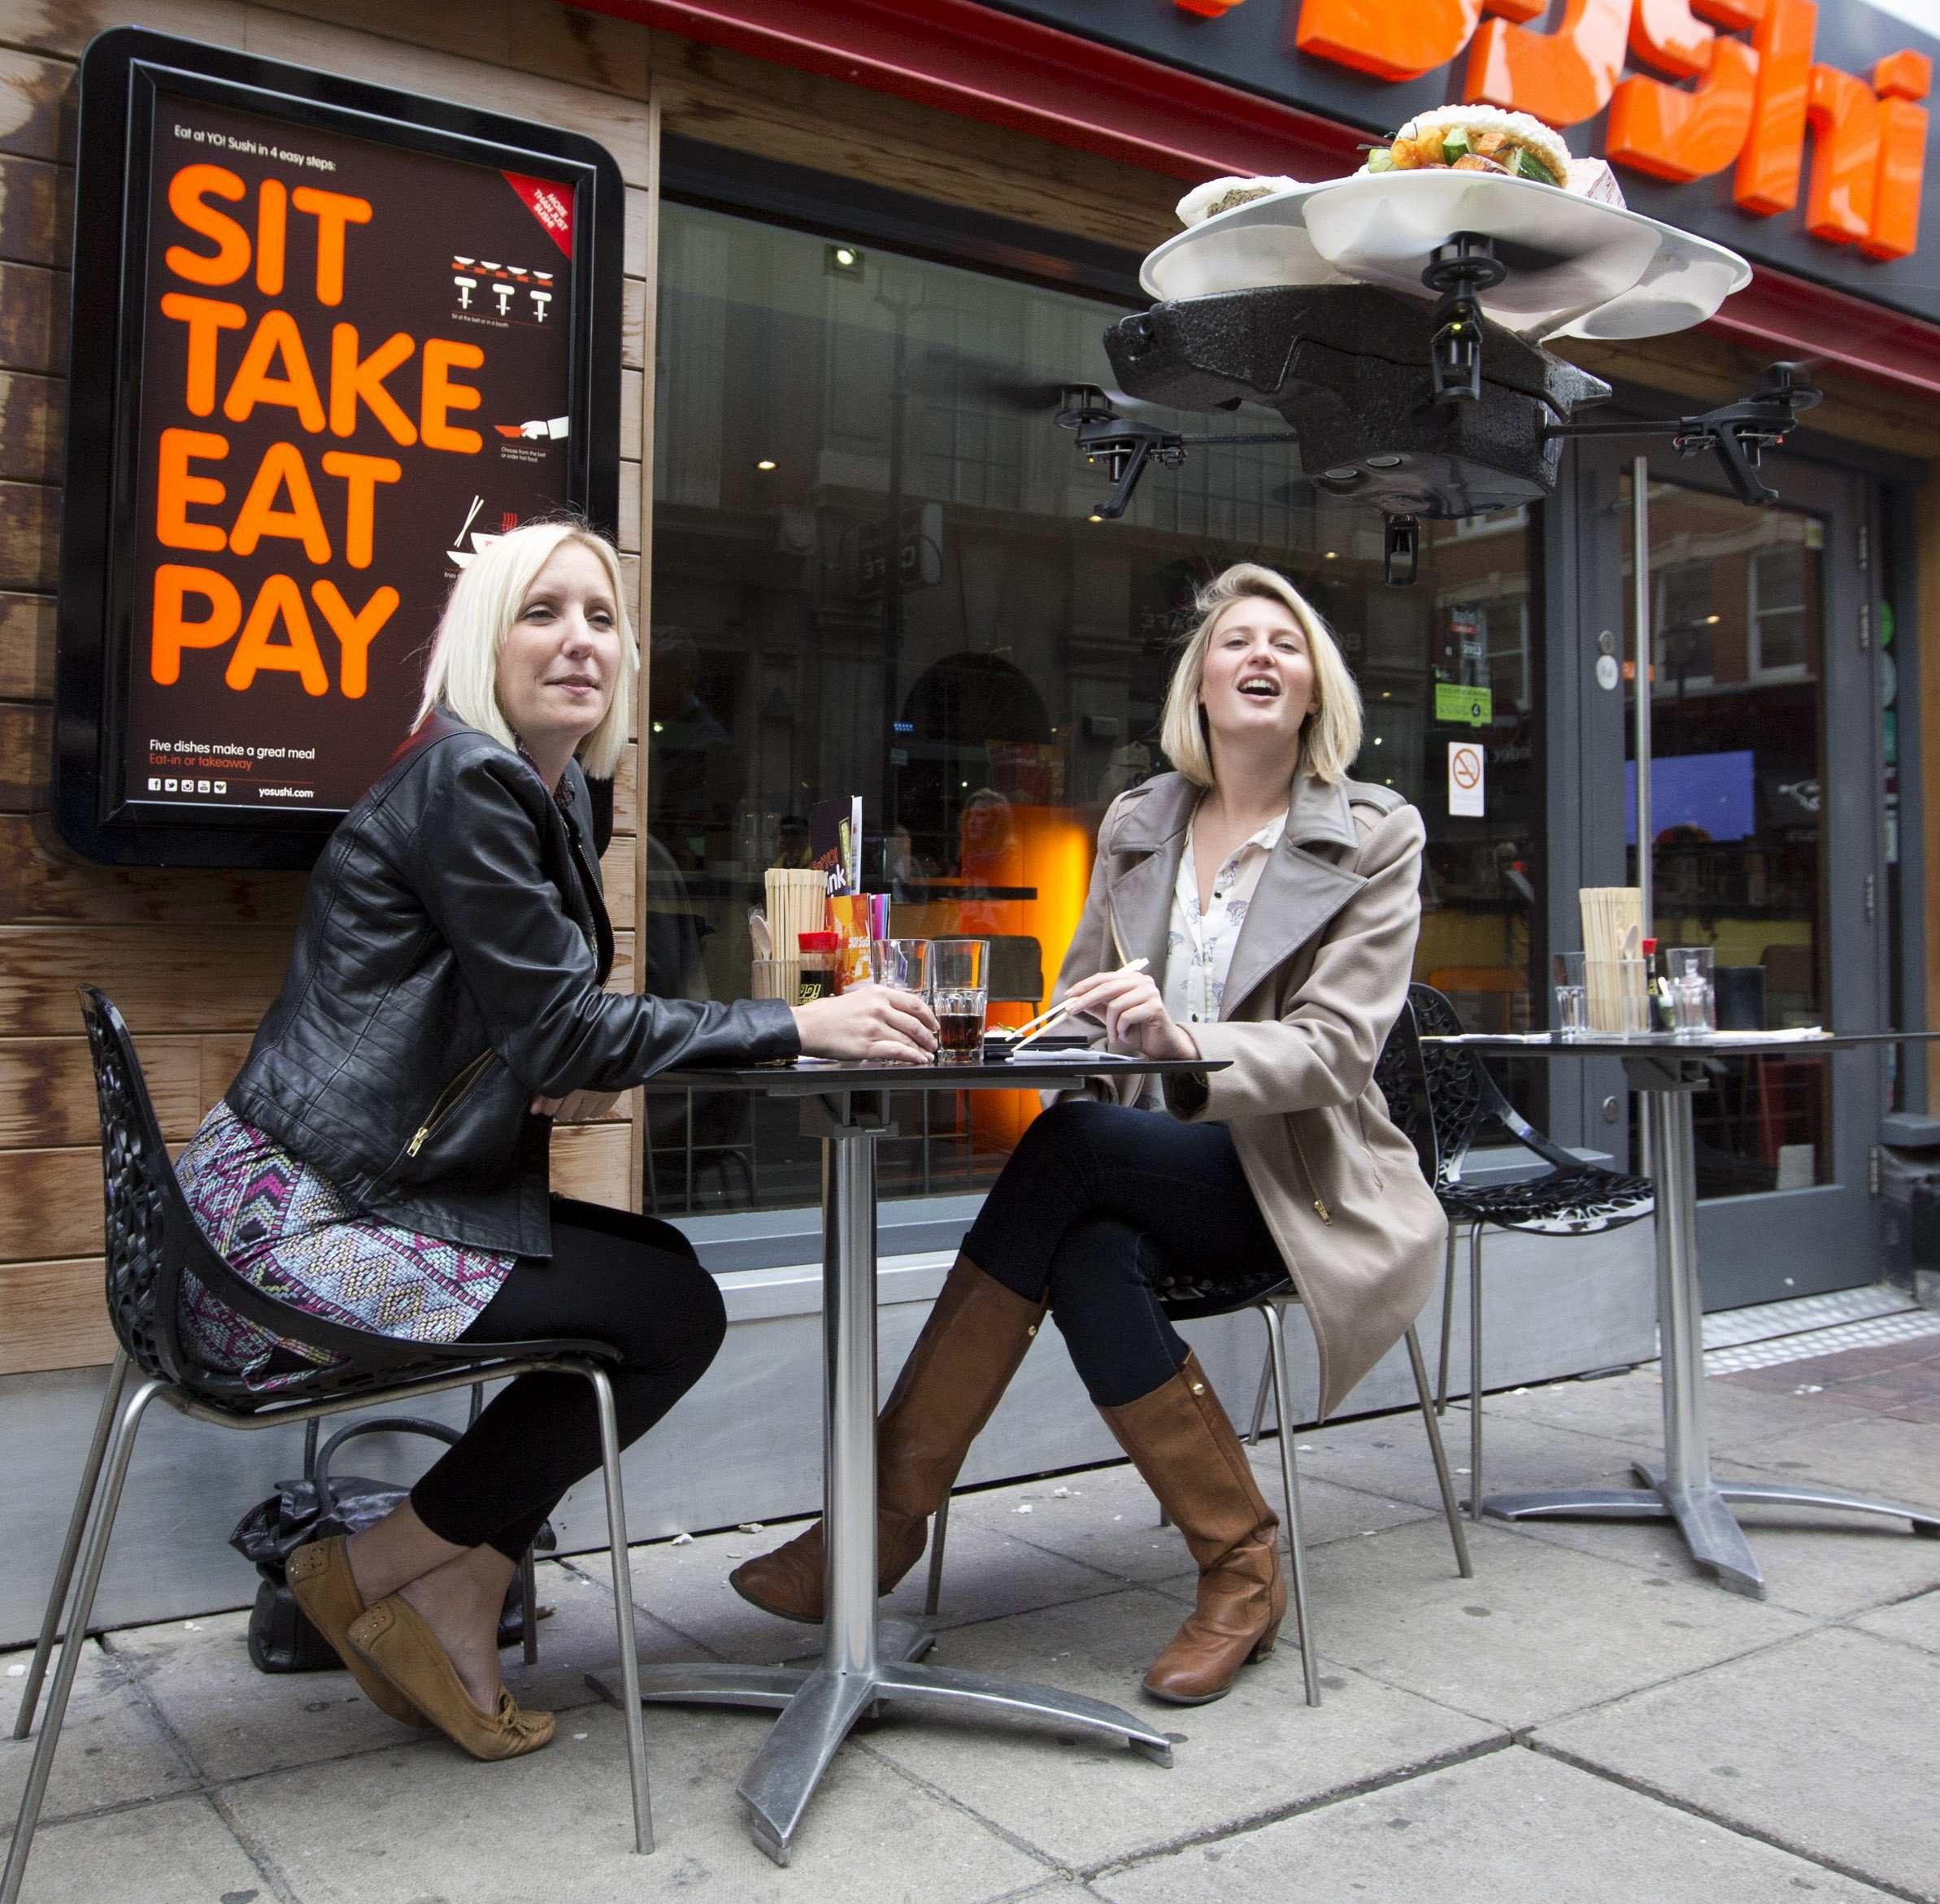 Їжа в британії фото 23 фотография